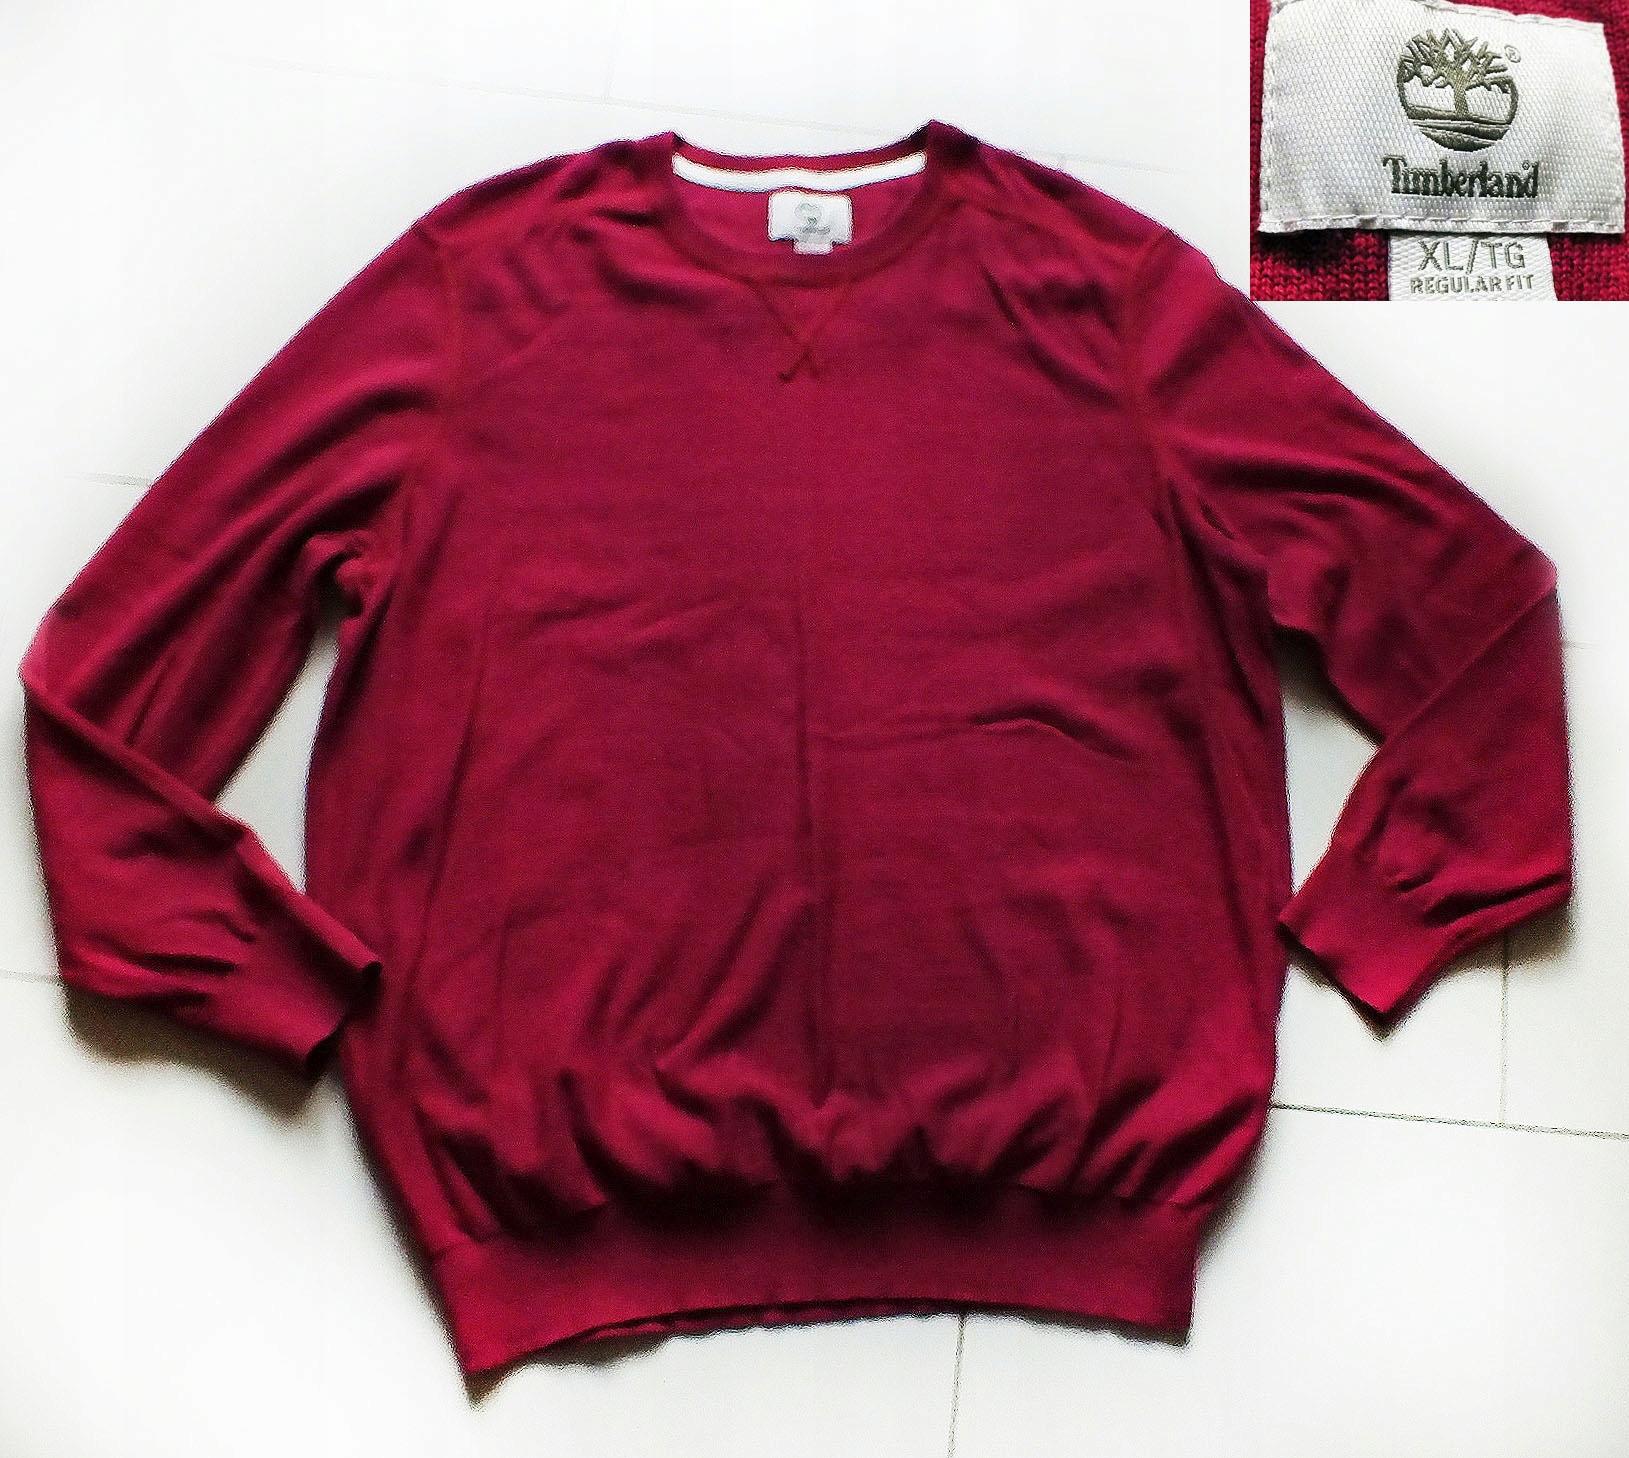 TIMBERLAND świetny sweterek bawełniany r.XL